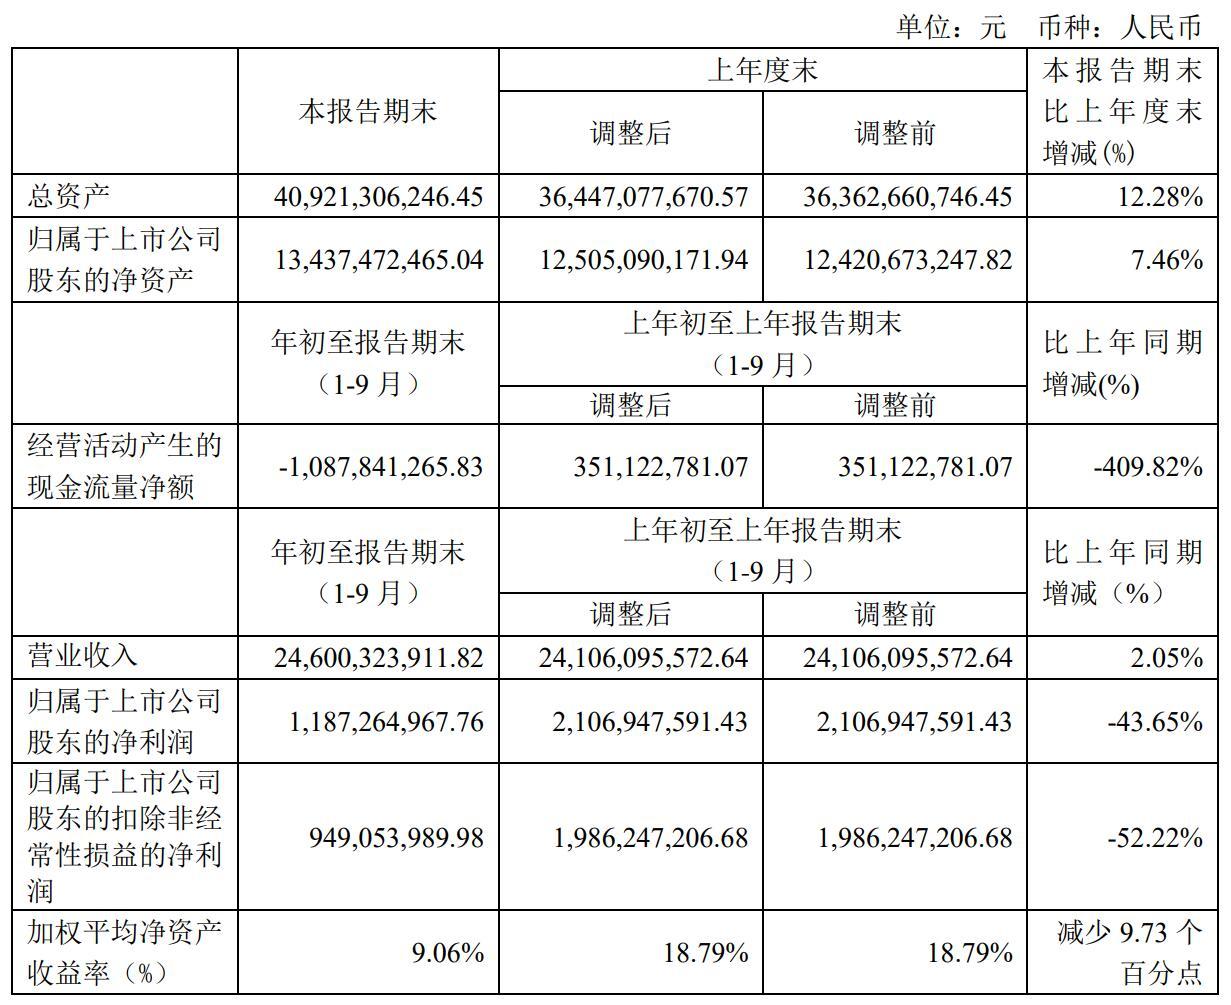 亨通光电前三季度净利润11.87亿元 同比下降43.65%